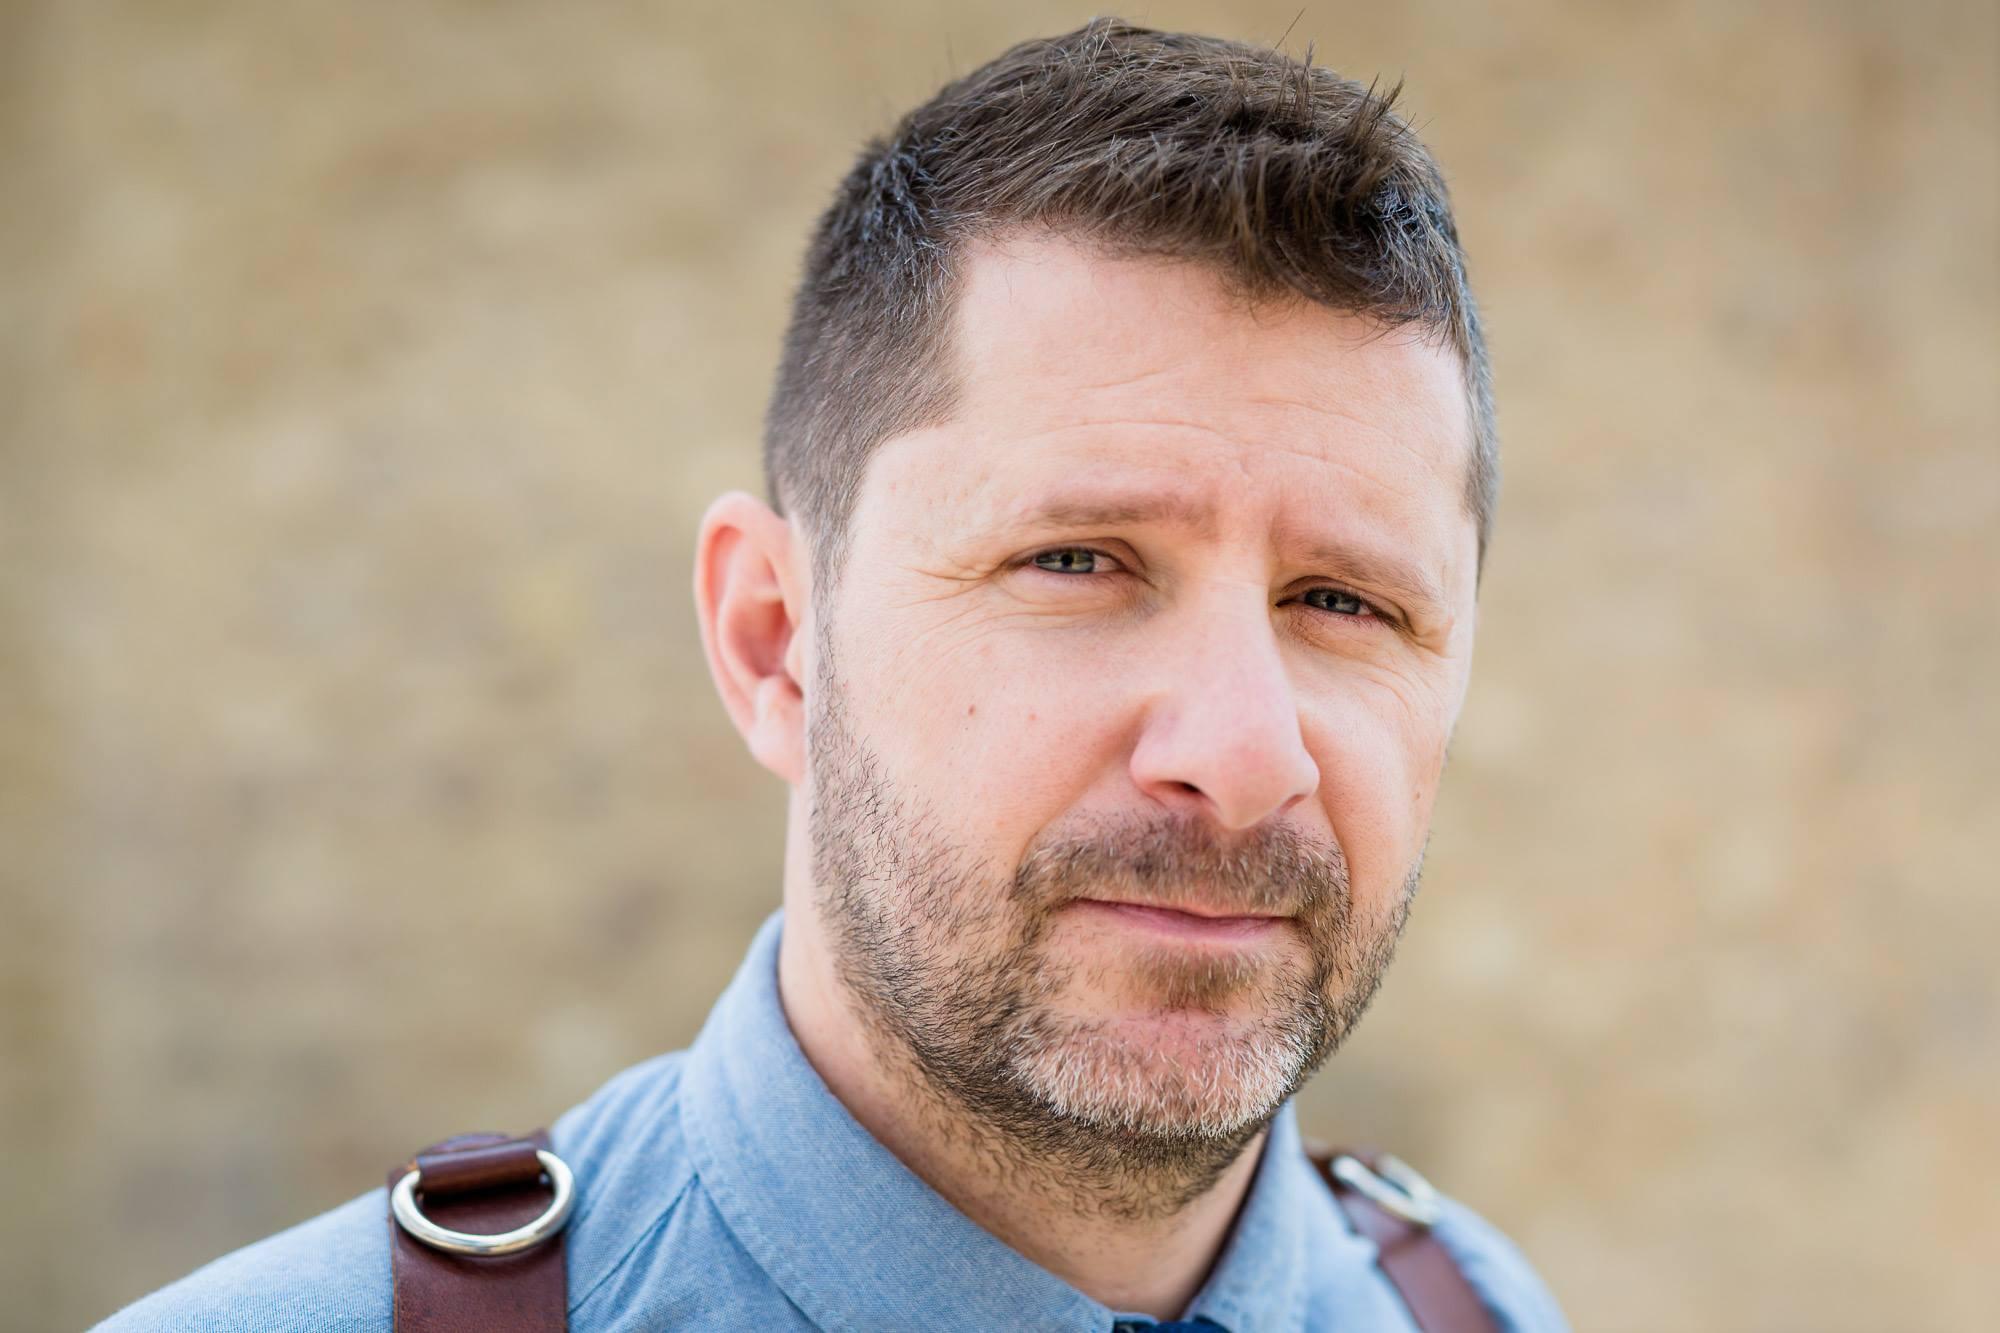 David Pommier, Photographe de mariage et famille, grossesse à Lyon